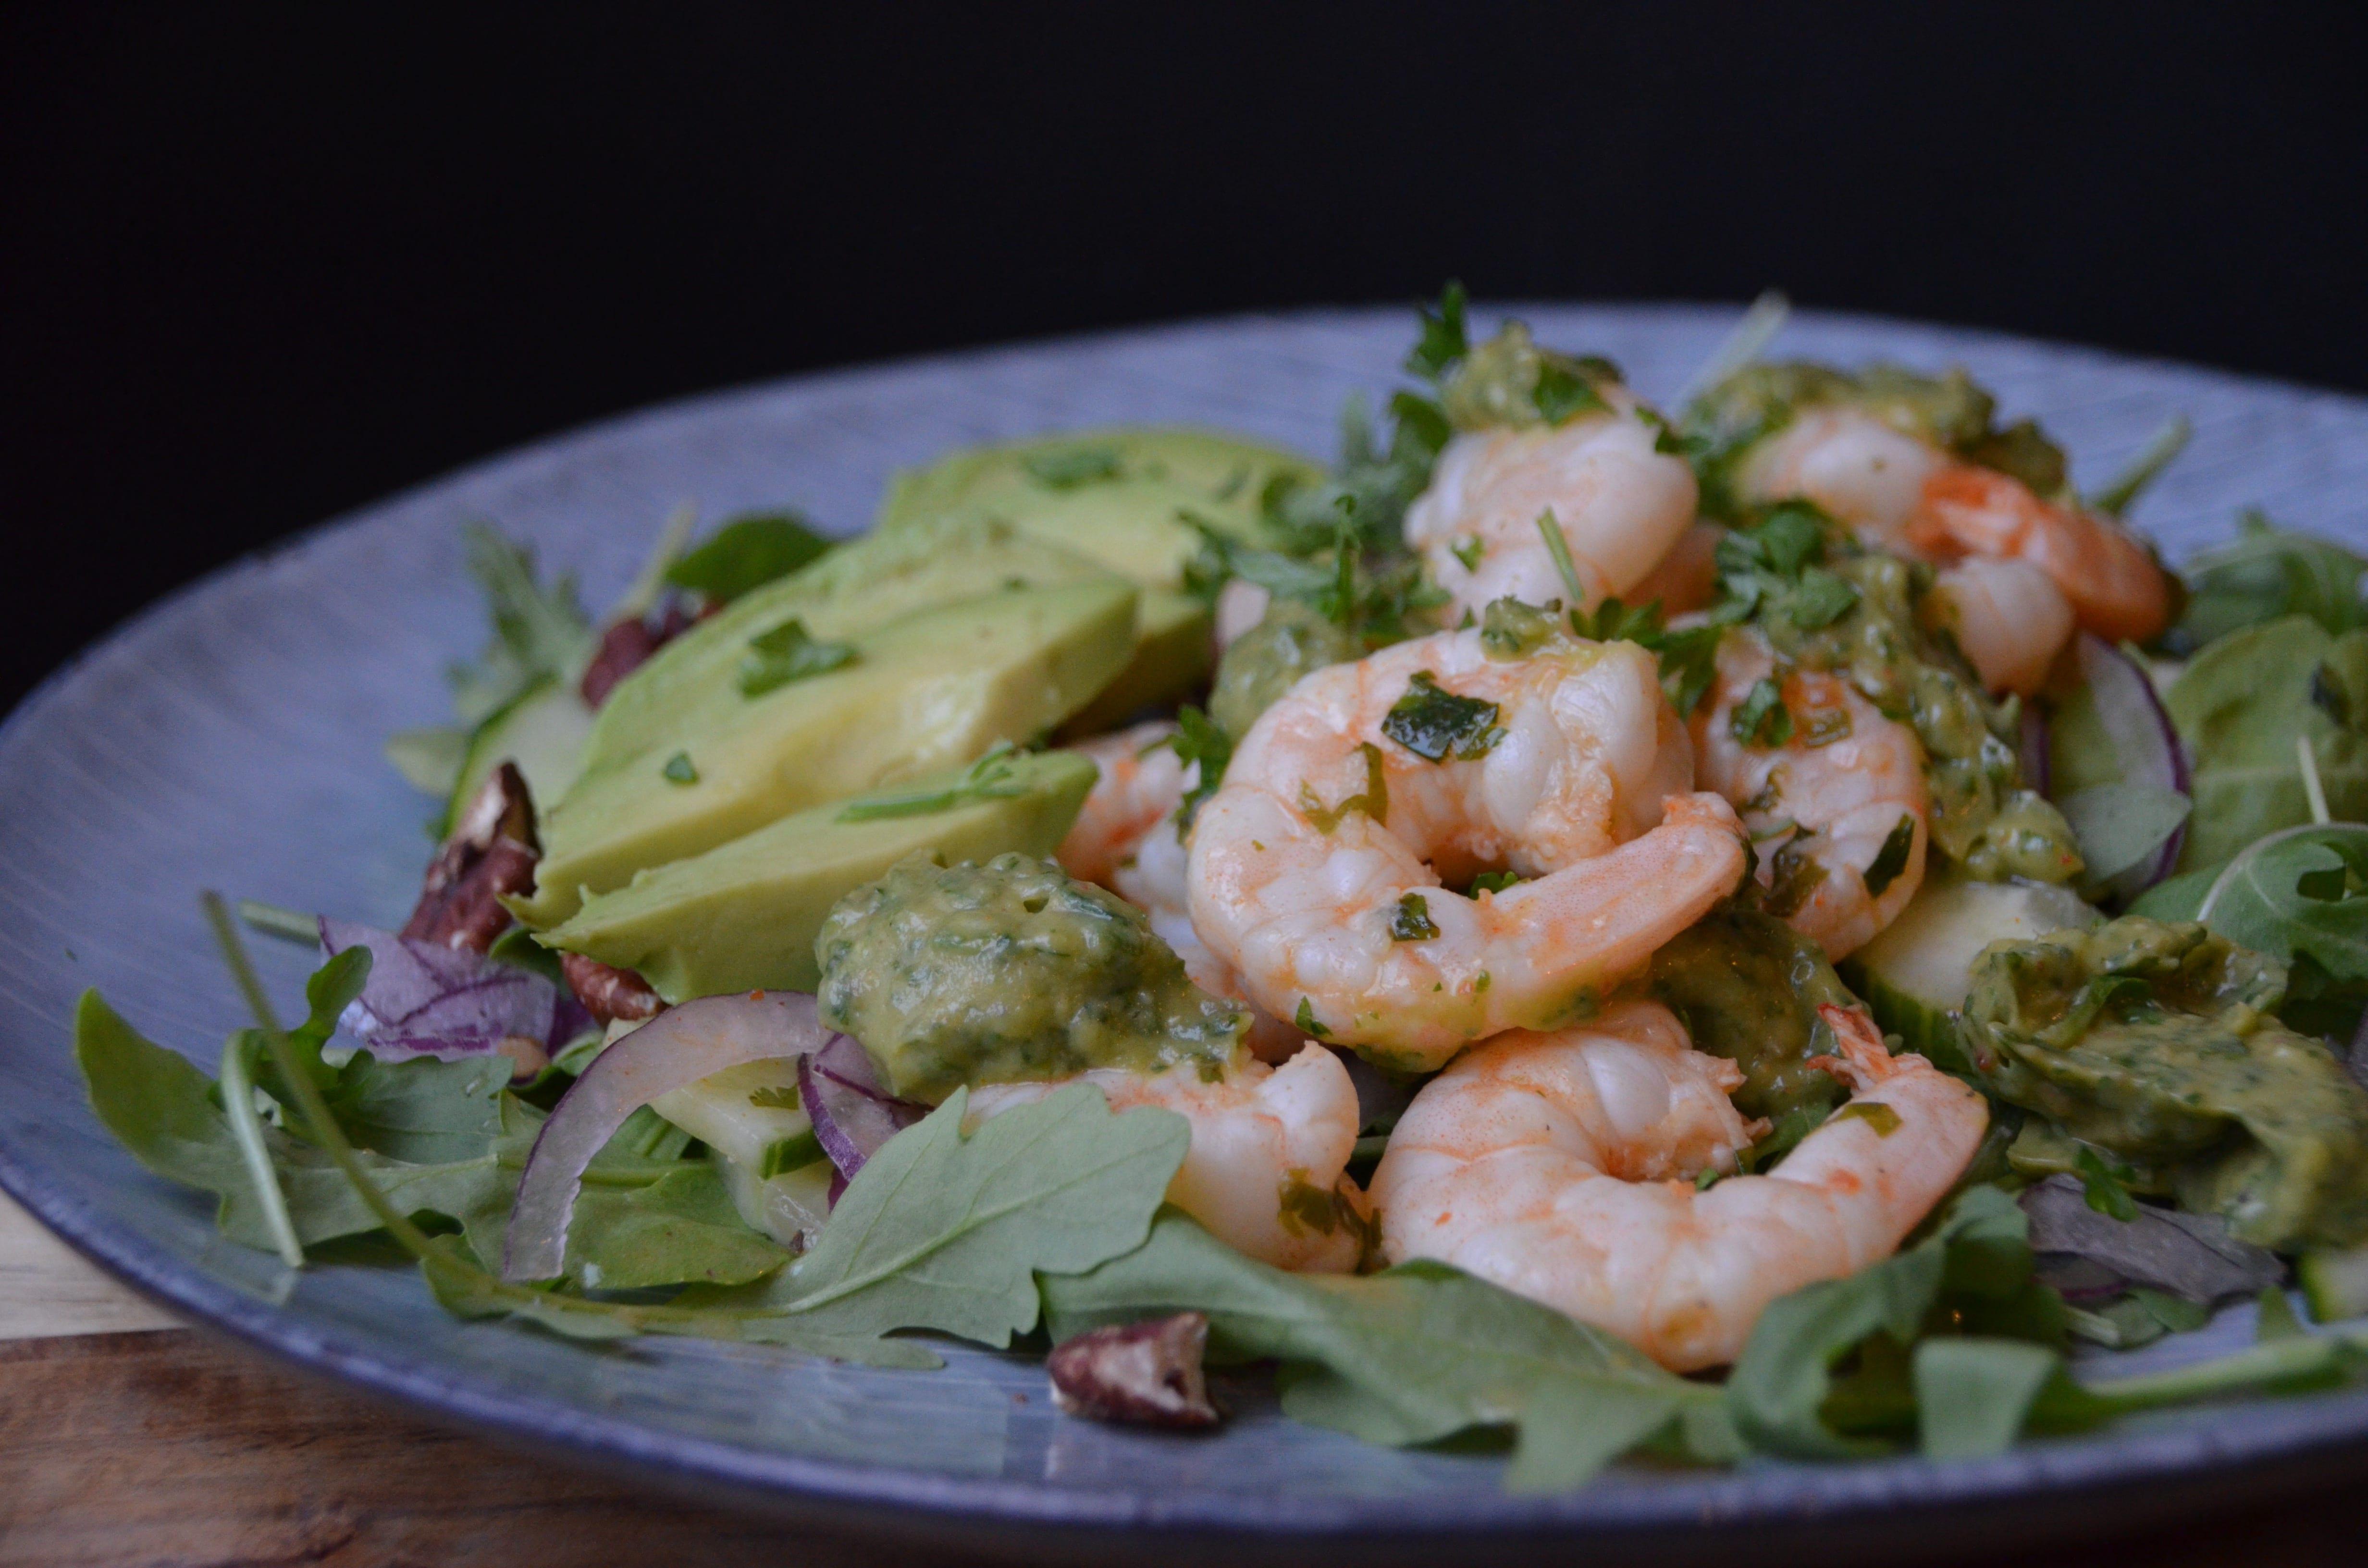 Salat með risarækjum og chilli/lime dressingu